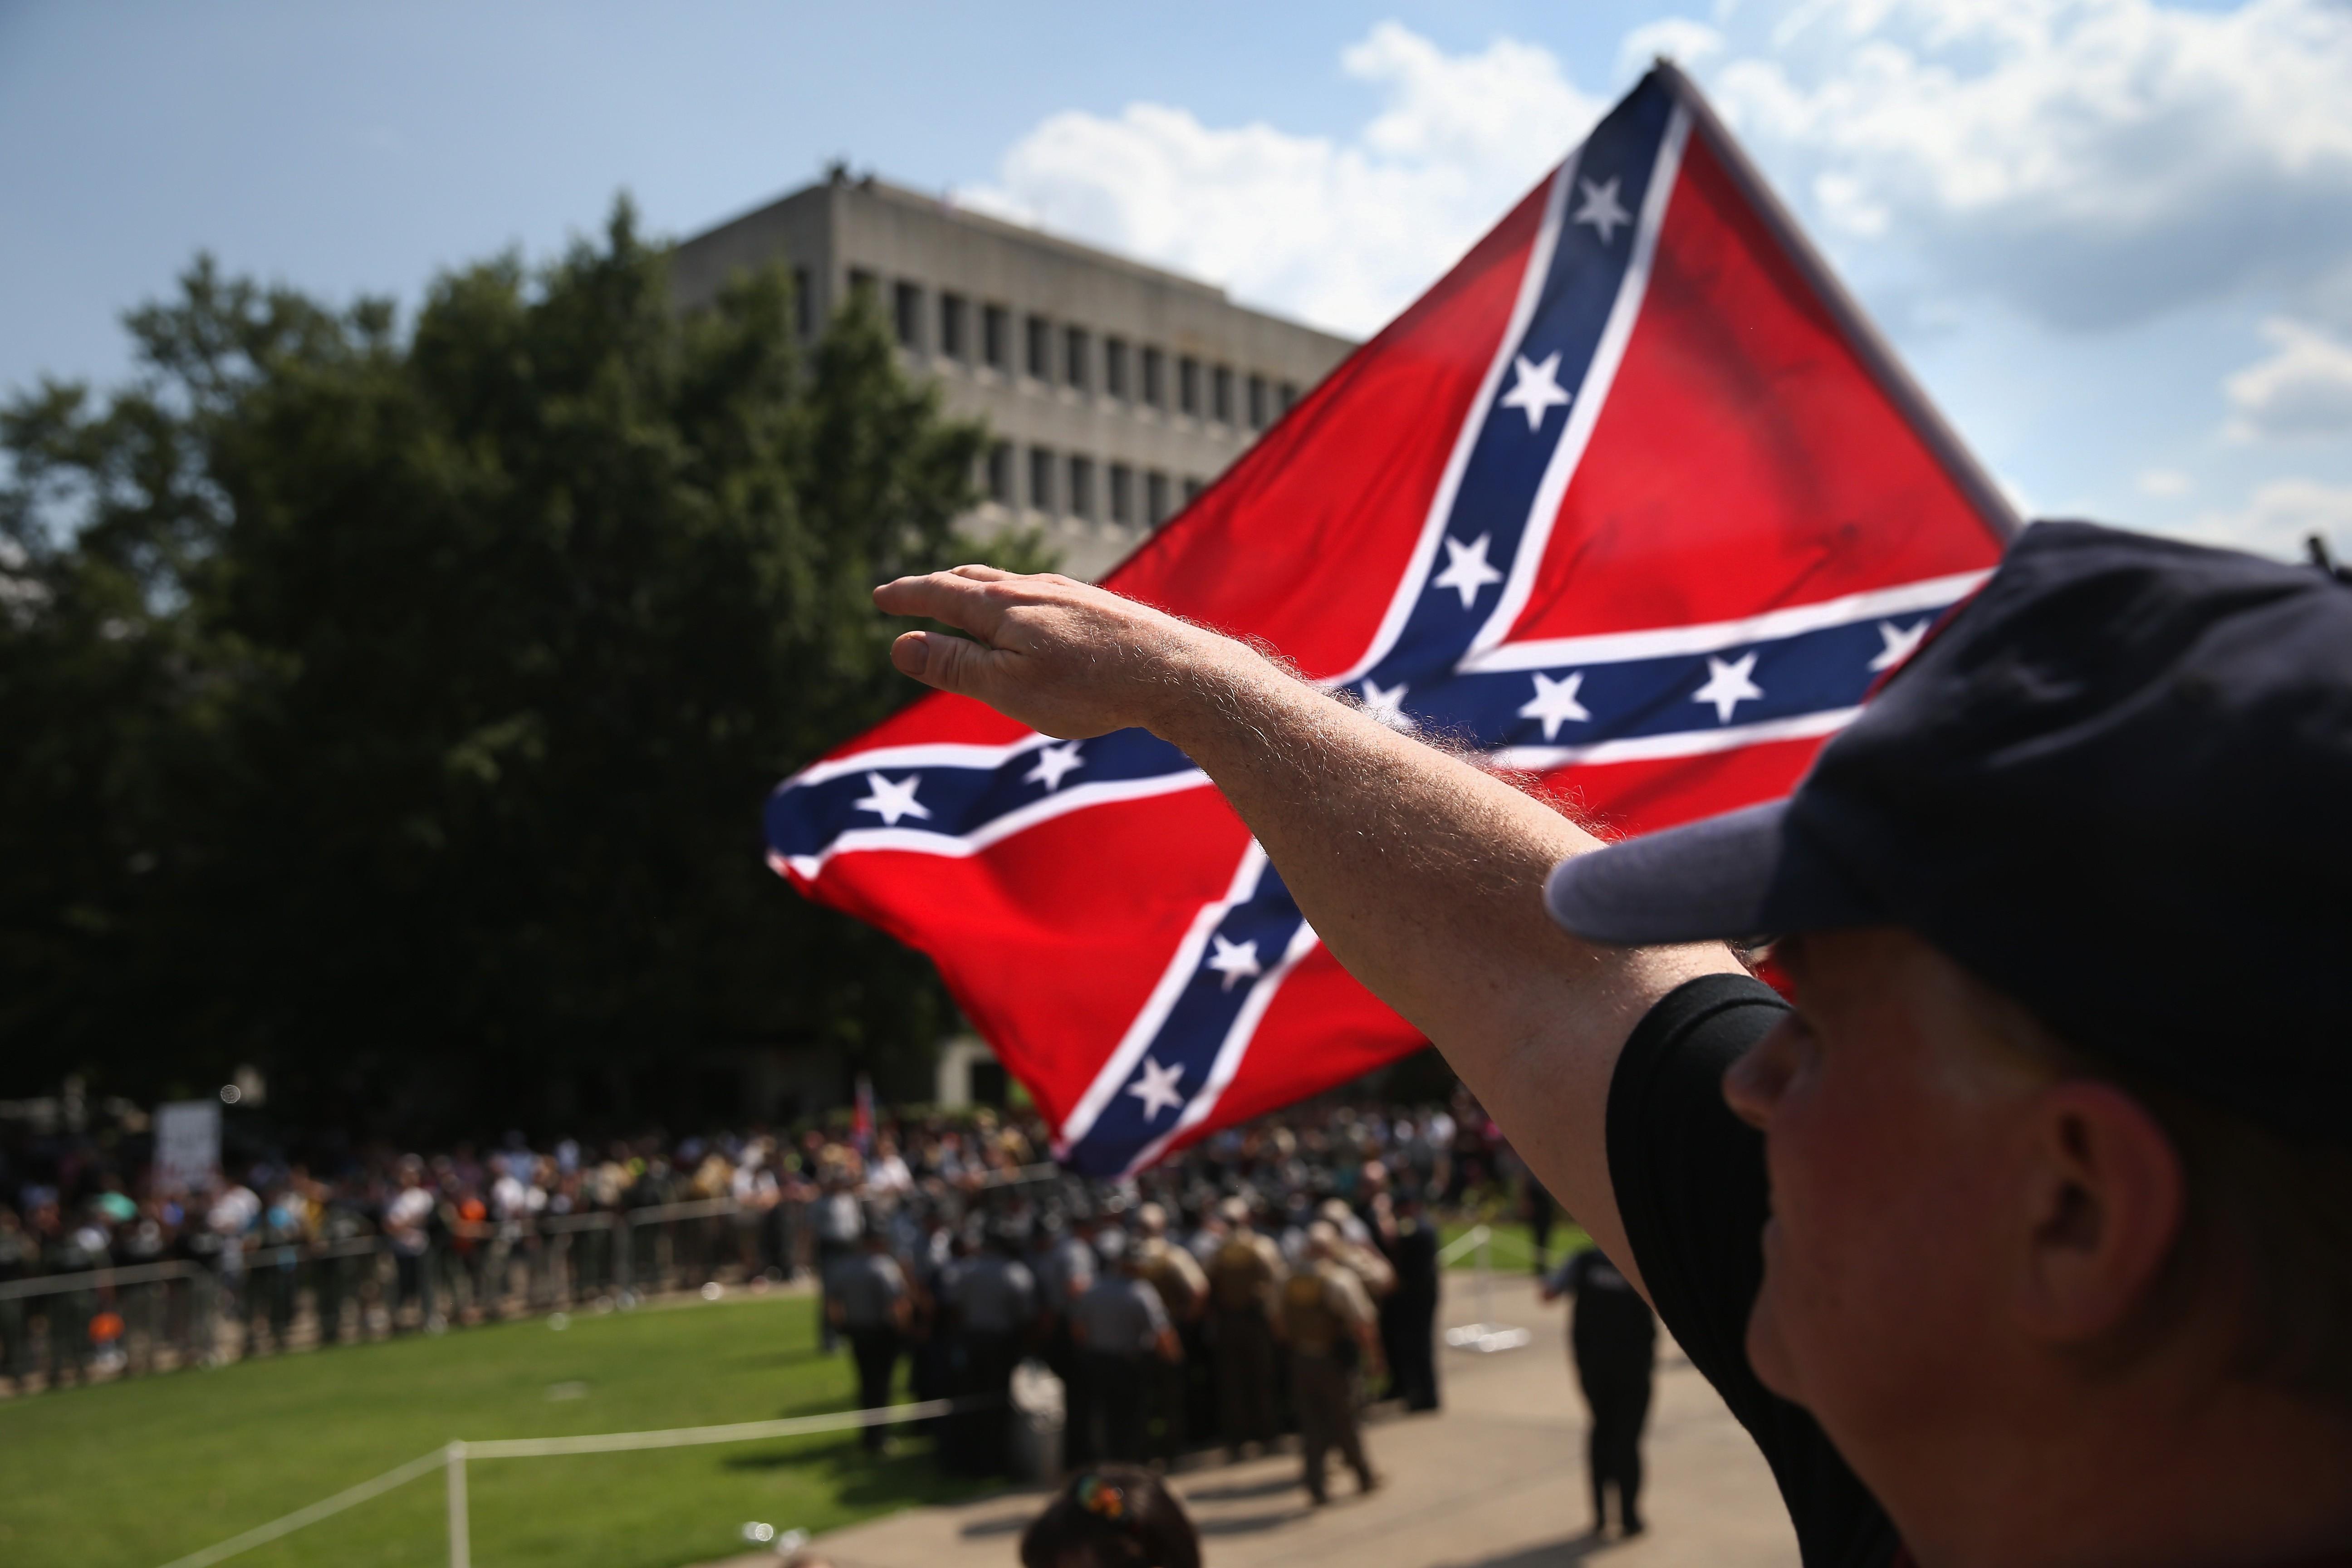 Membro da Ku Klux Klan faz sudação nazista  (Foto: John Moore/Getty Images)